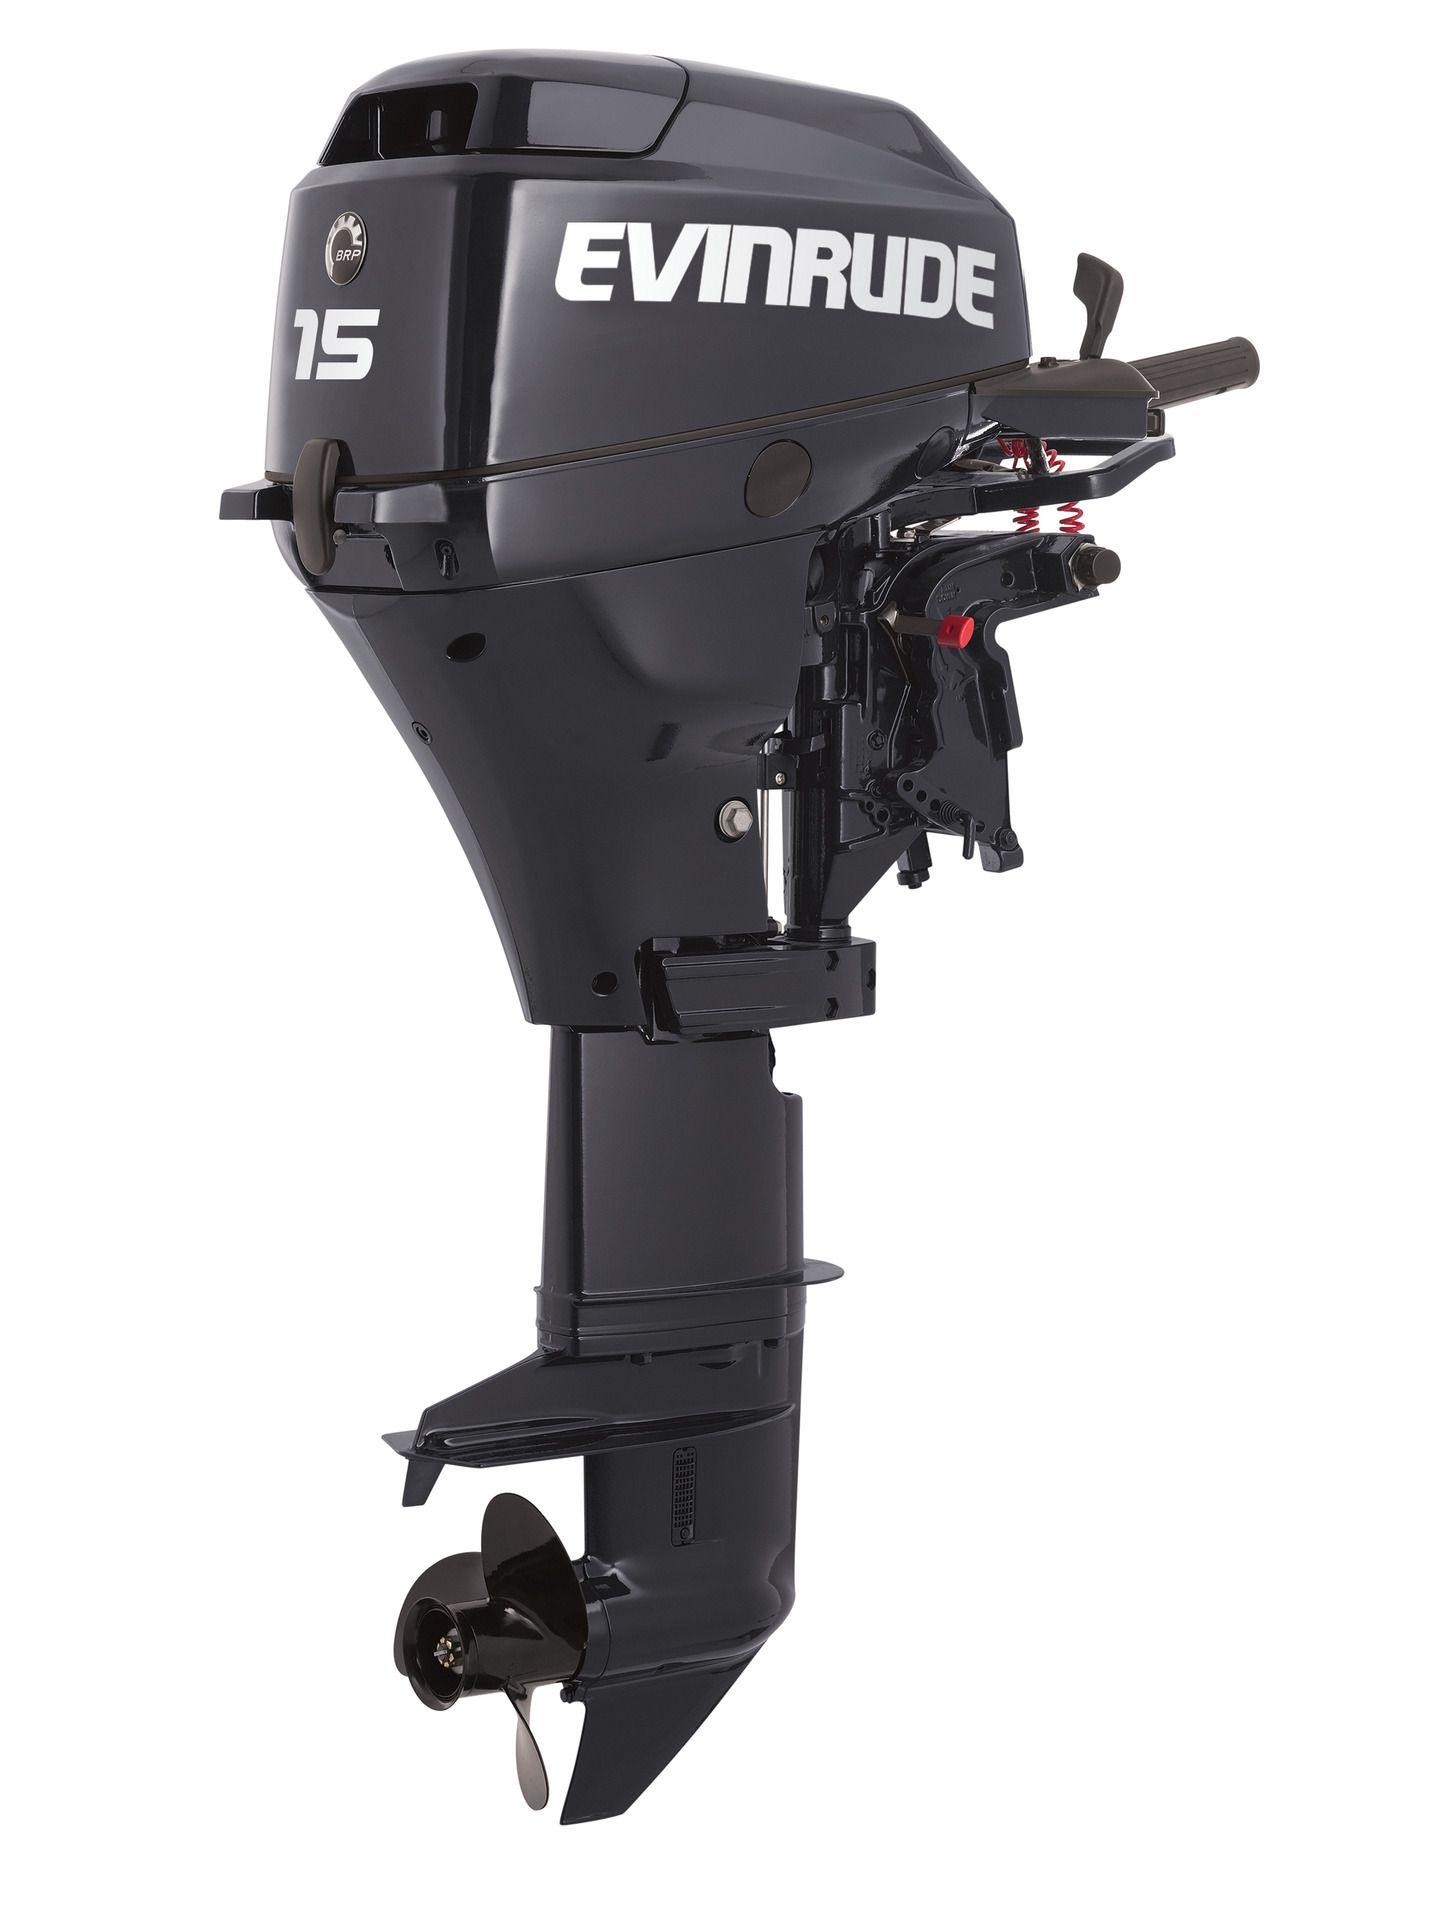 hight resolution of details about new evinrude 15hp 4 stroke outboard motor tiller 15 shaft engine